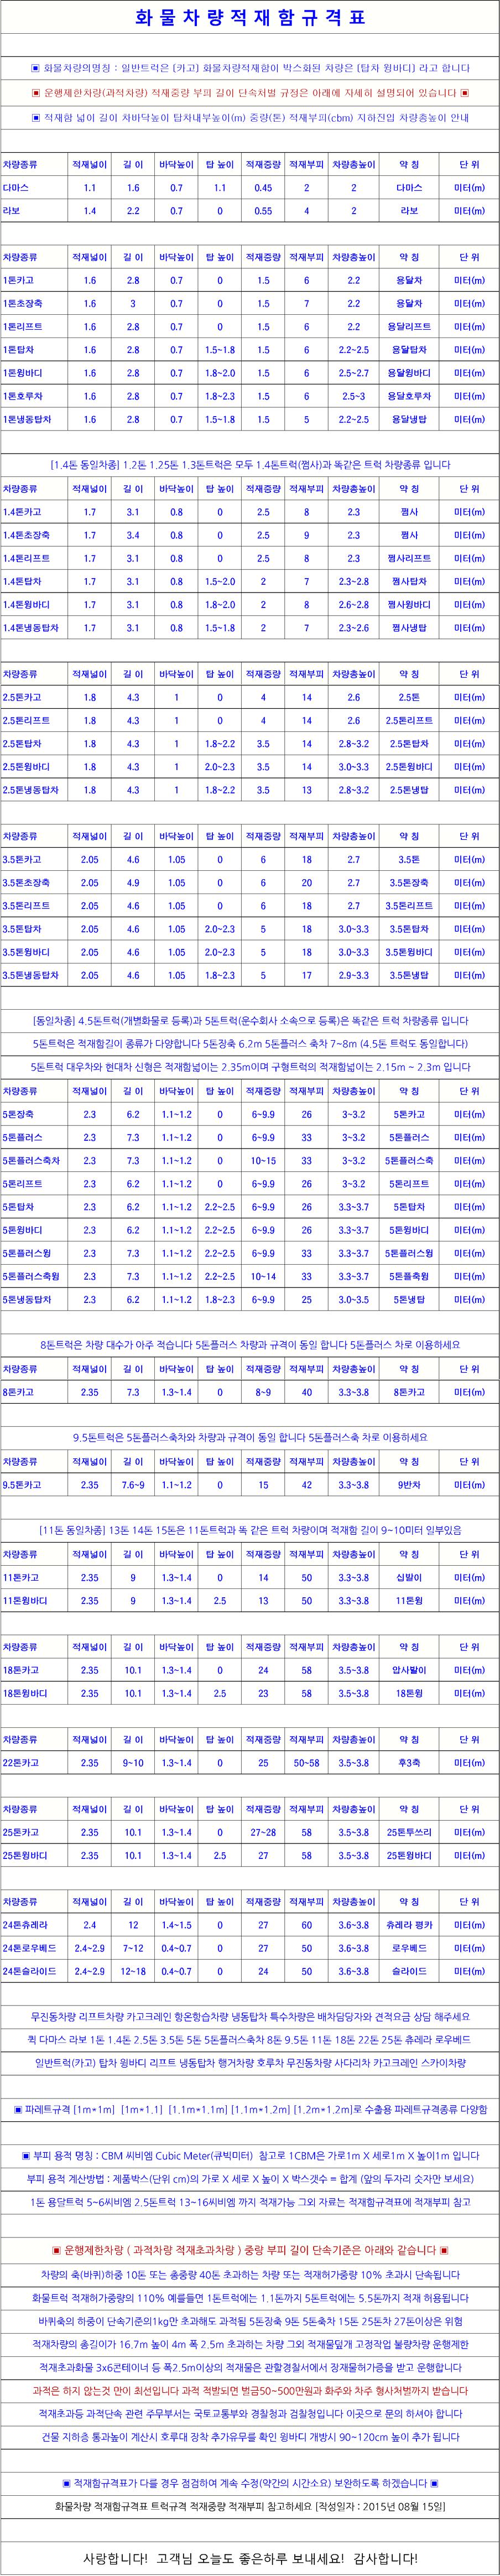 적재함규격표.png